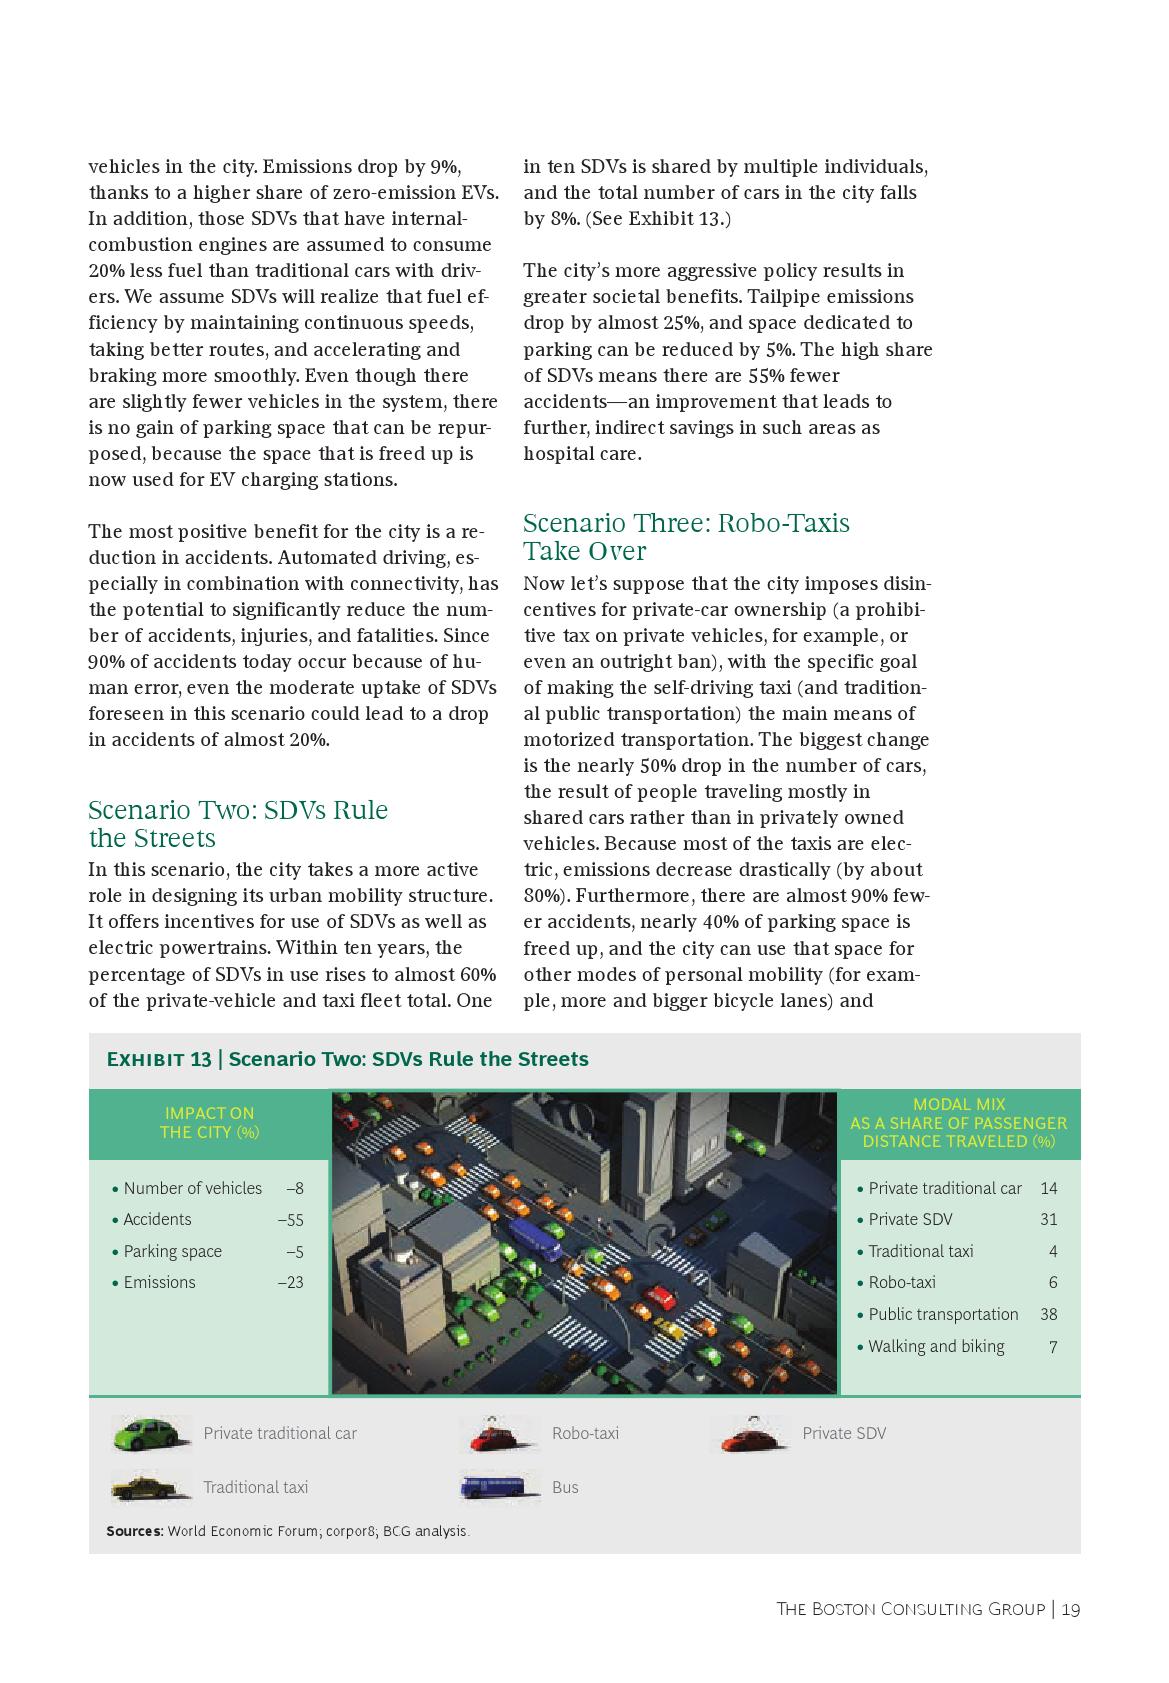 自动驾驶与城市交通革命_000021